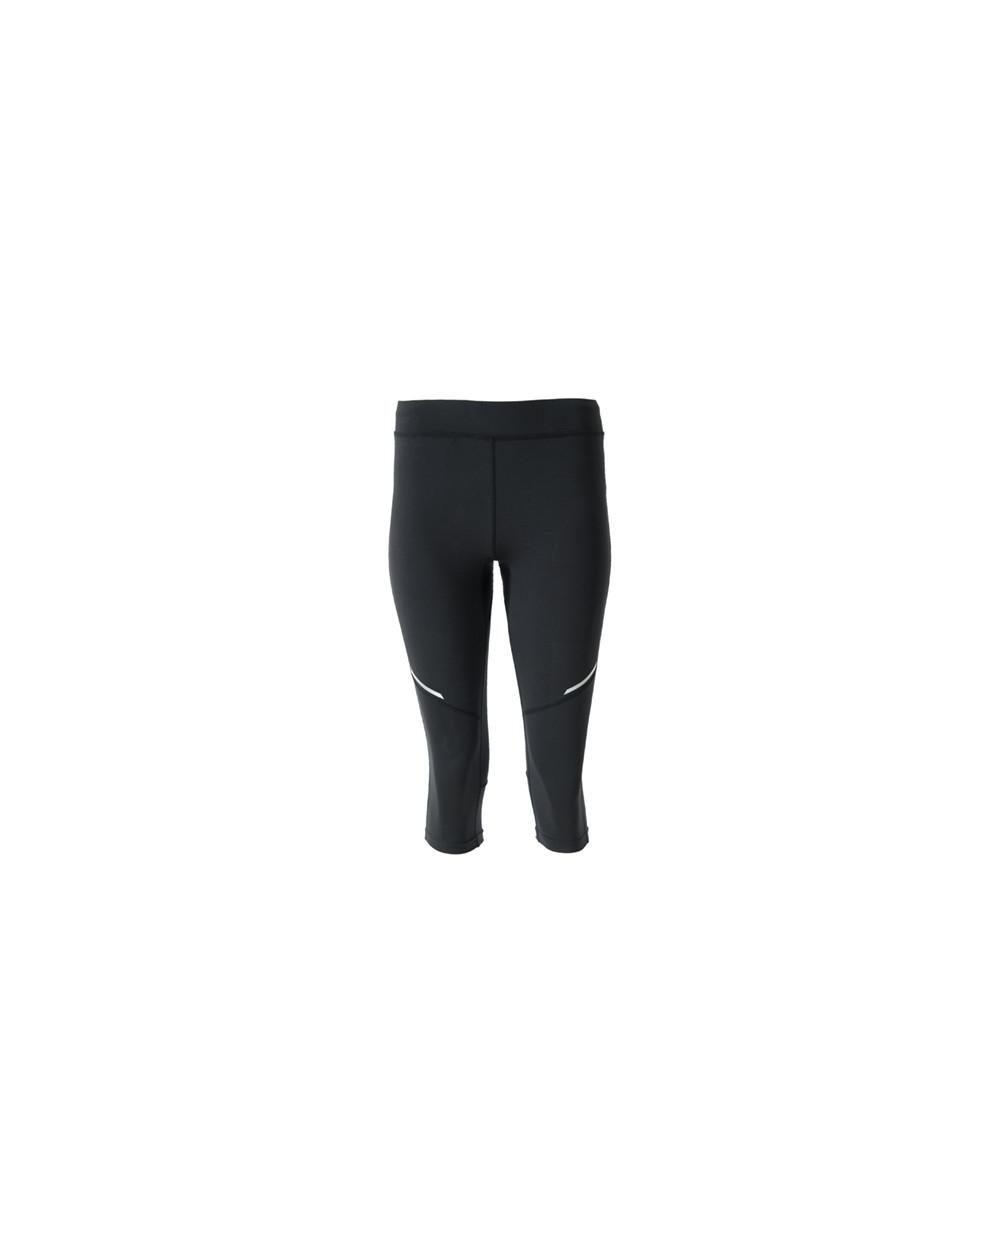 Malla deportiva de mujer a media pierna. Cinturilla elástica y cordón interior cruzado para facilitar el ajuste. Detalles refle